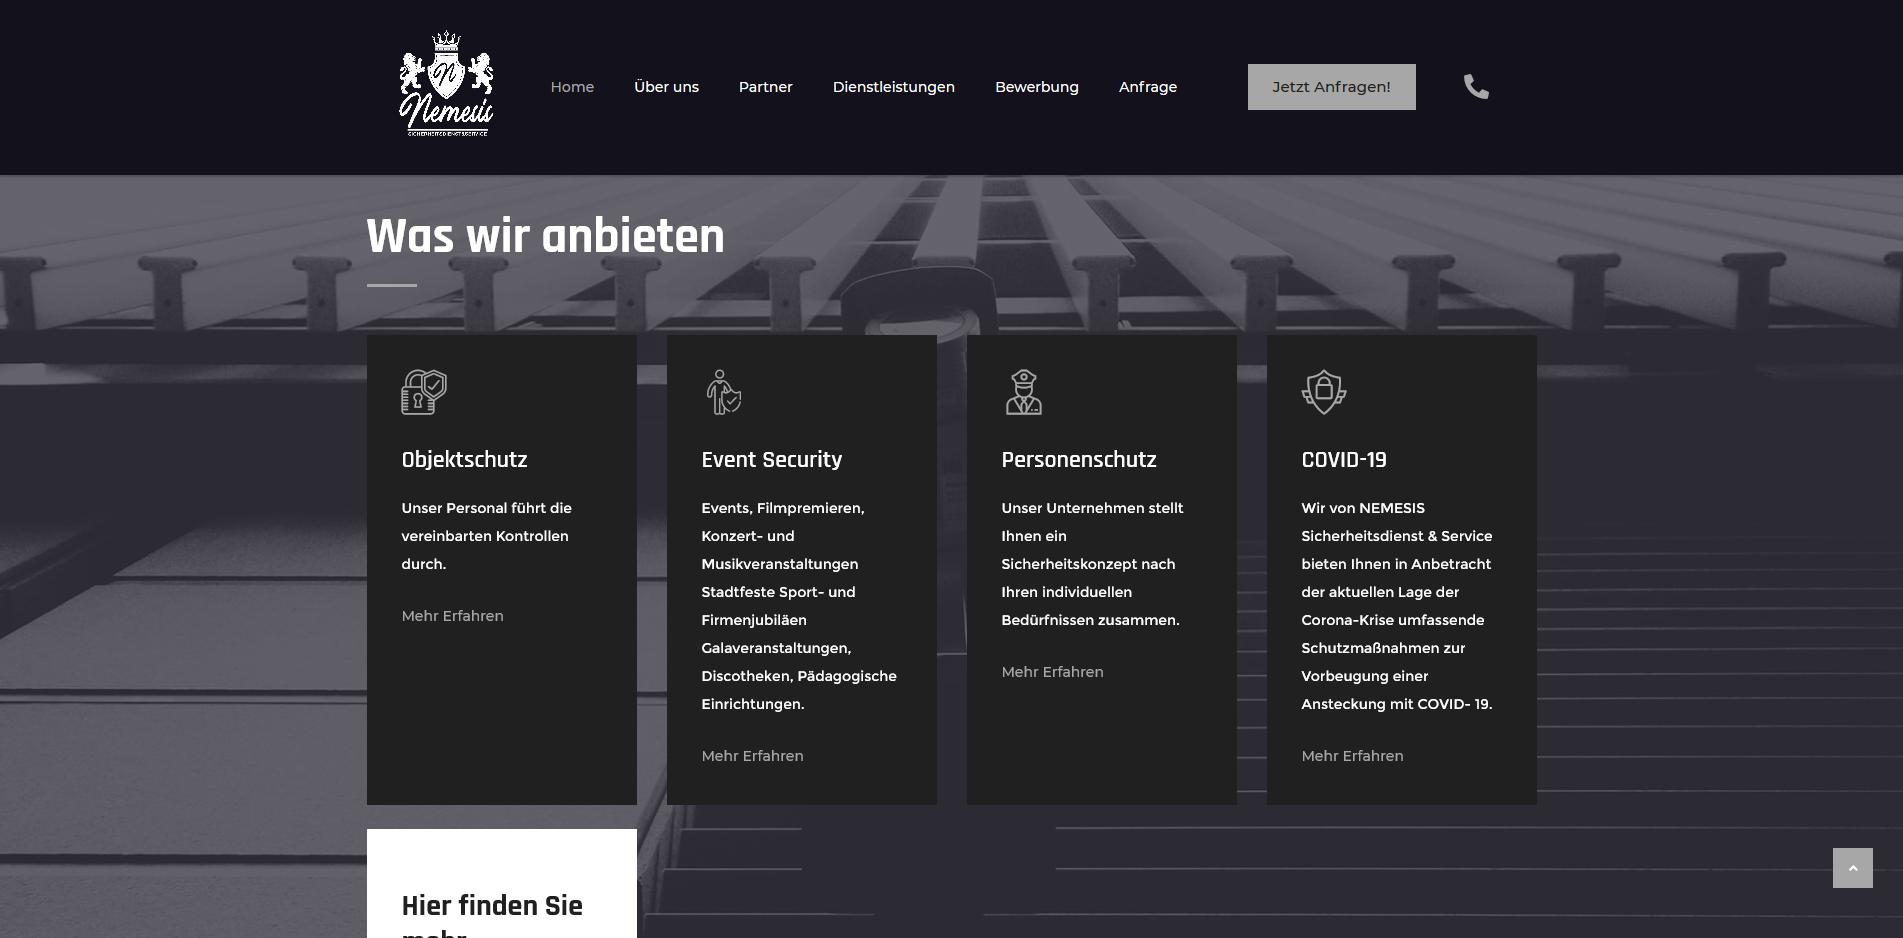 Nemesis Sicherheitsdienst